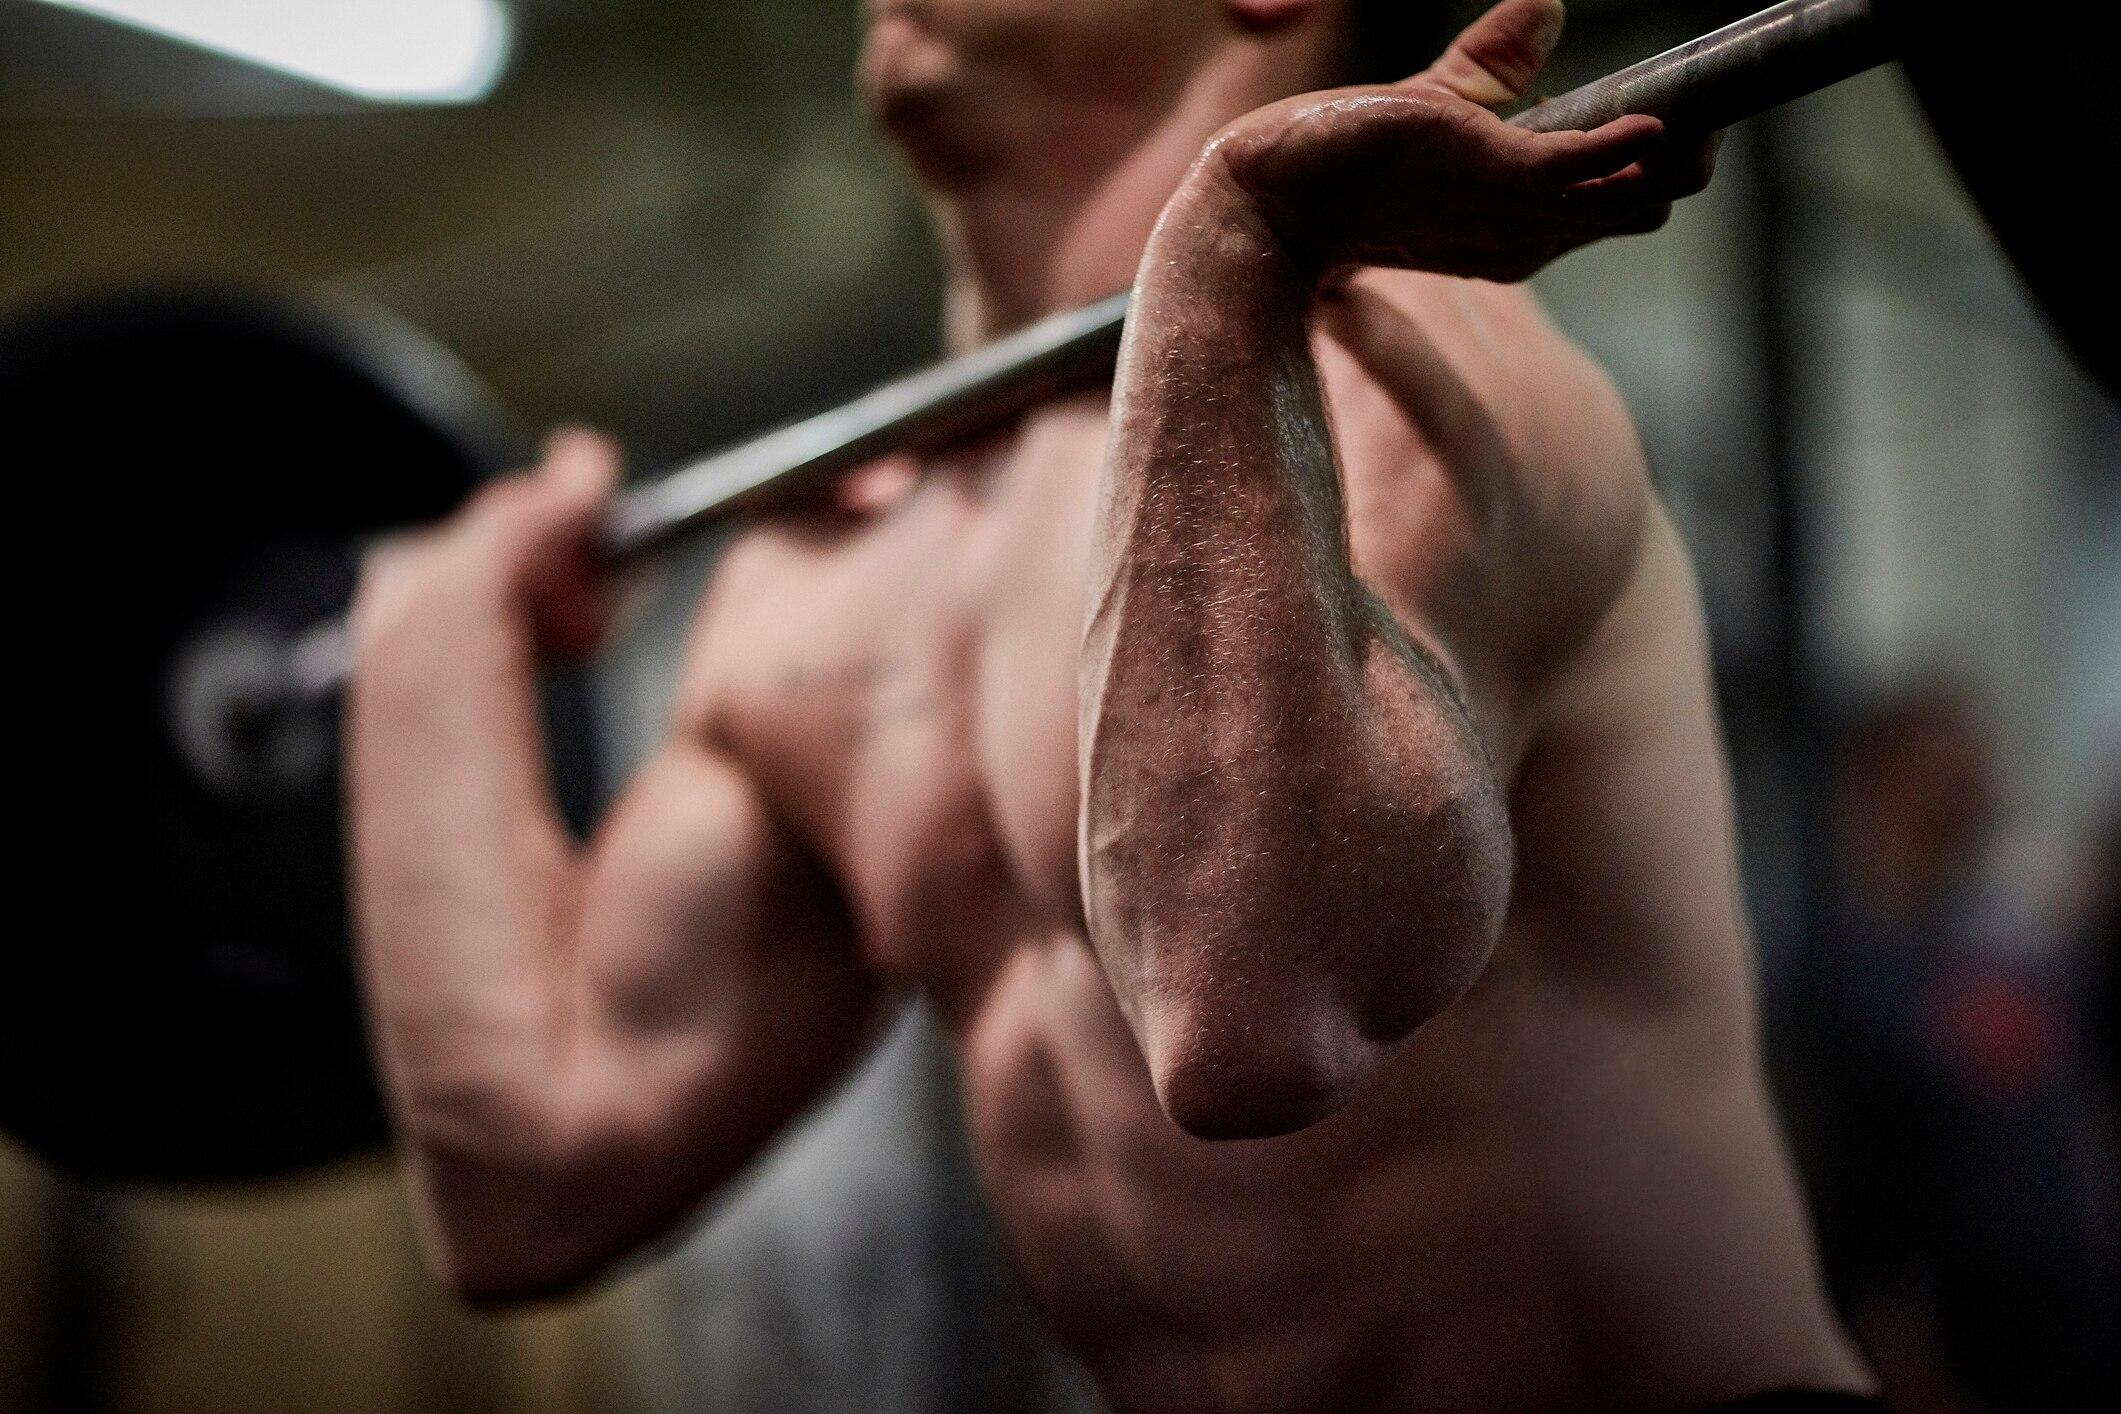 Kann viel Muskelmasse einem Herzinfarkt vorbeugen?